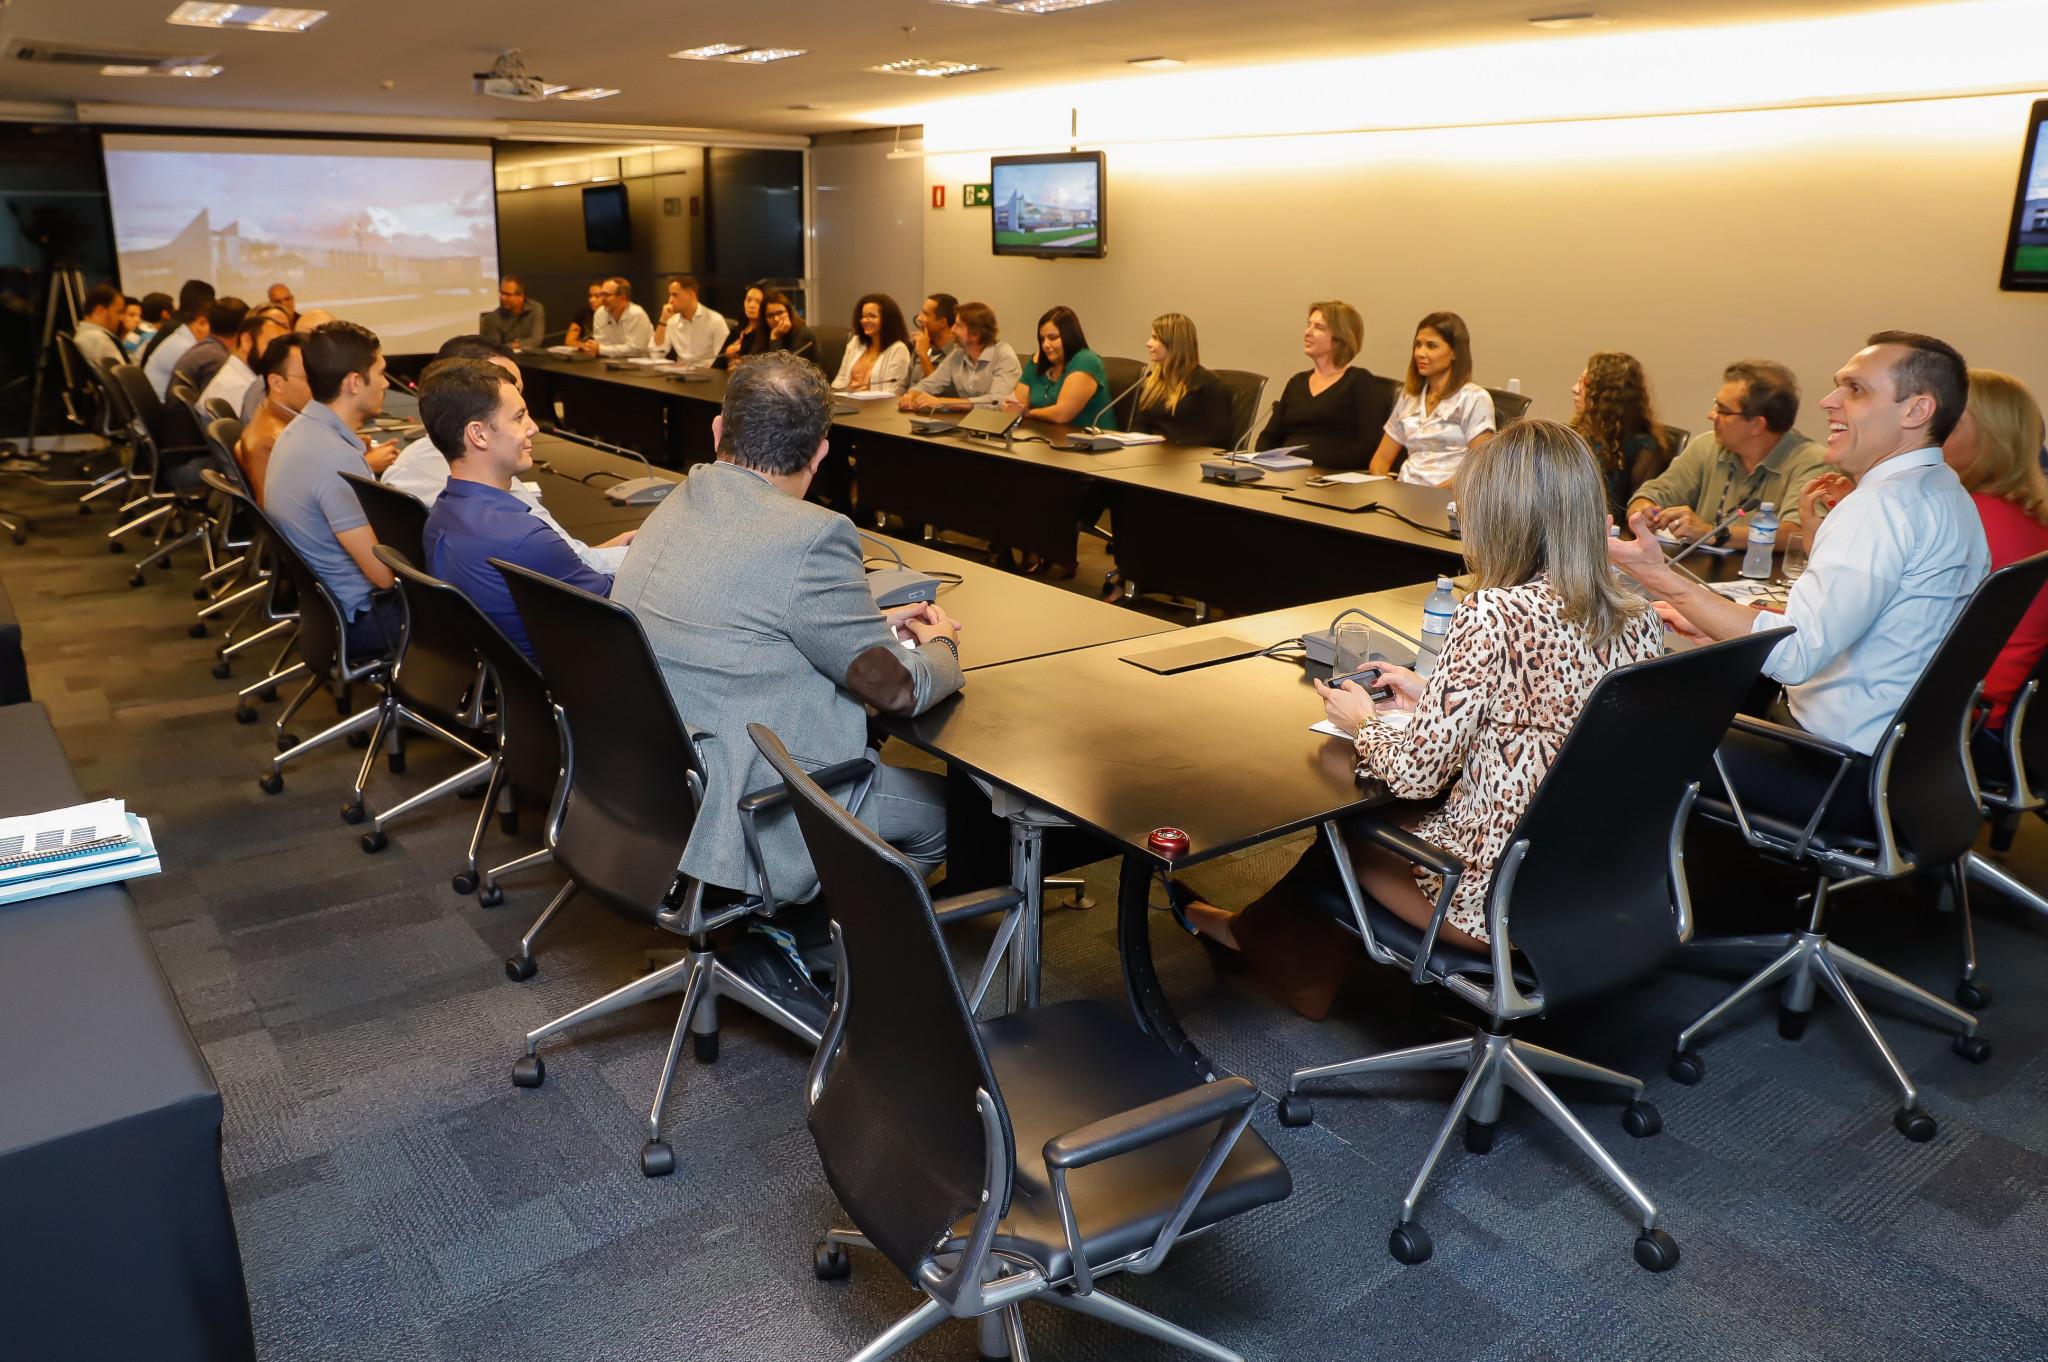 Reunião com equipe da Unidade de Tecnologia da Informação (UTIC)